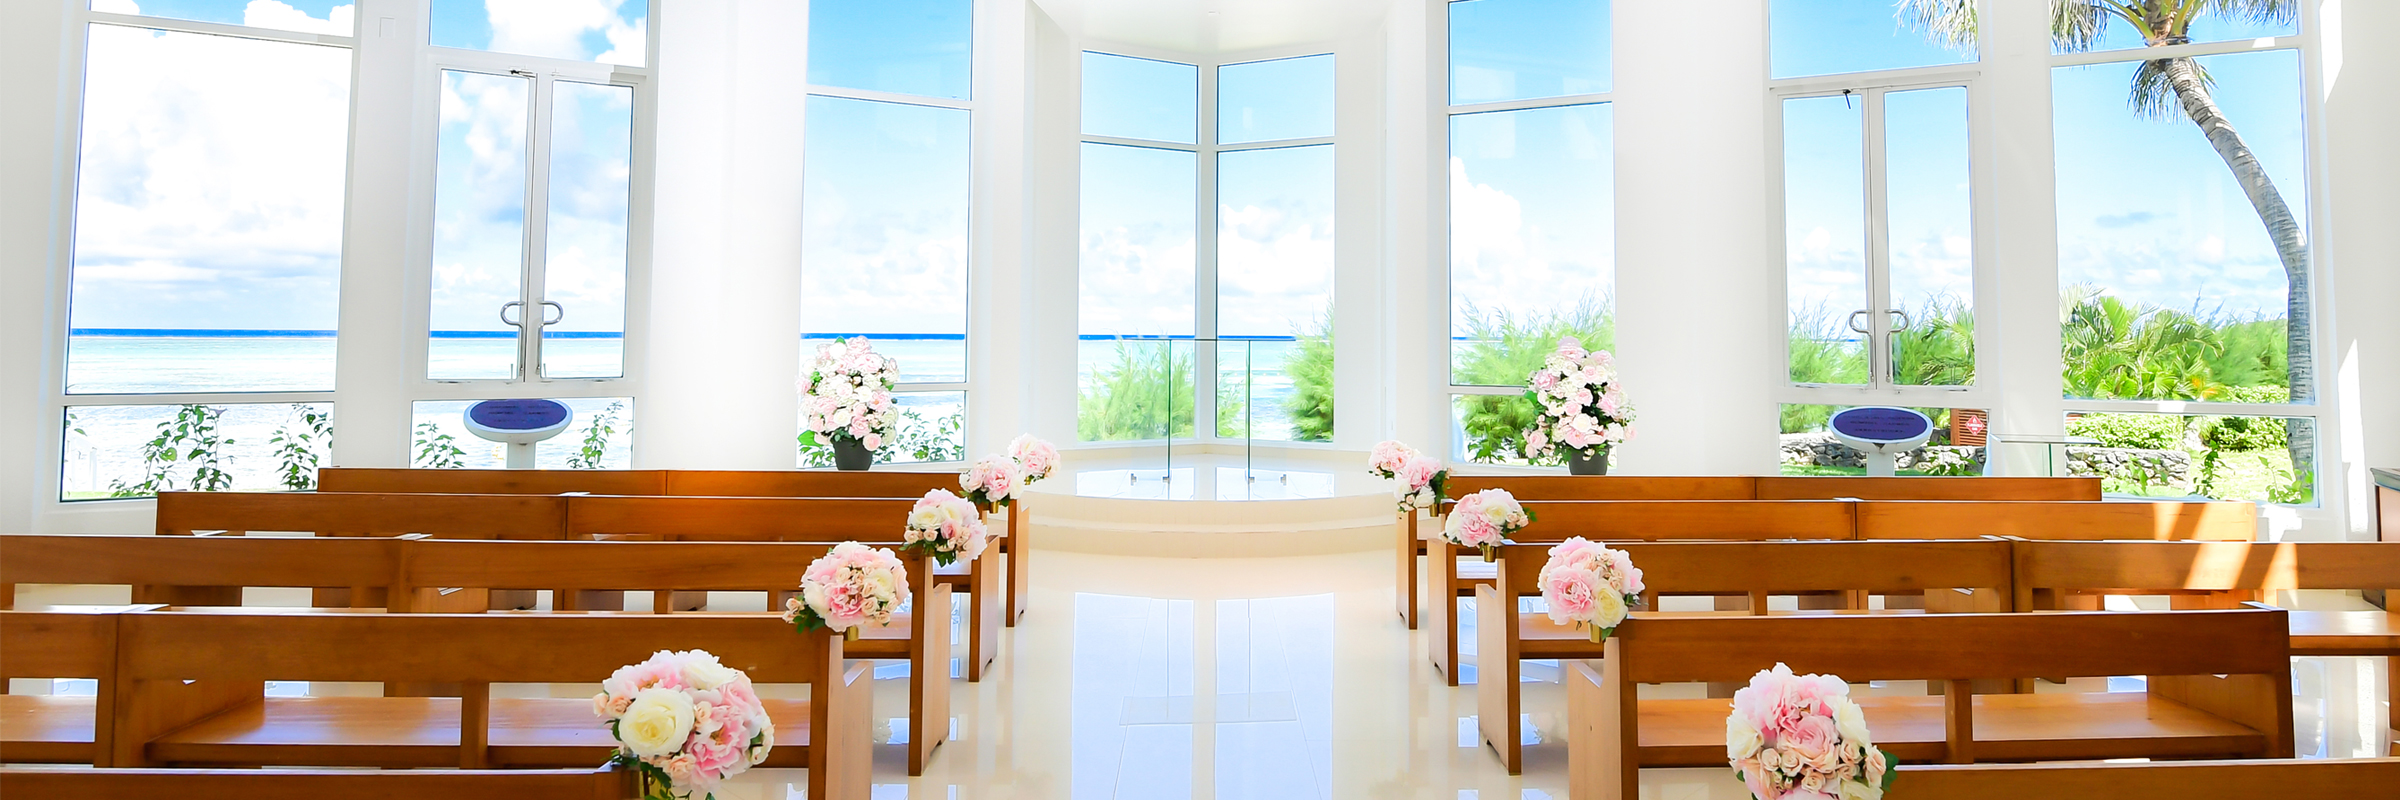 大きなガラス窓からはマリアナブルーの海を一望